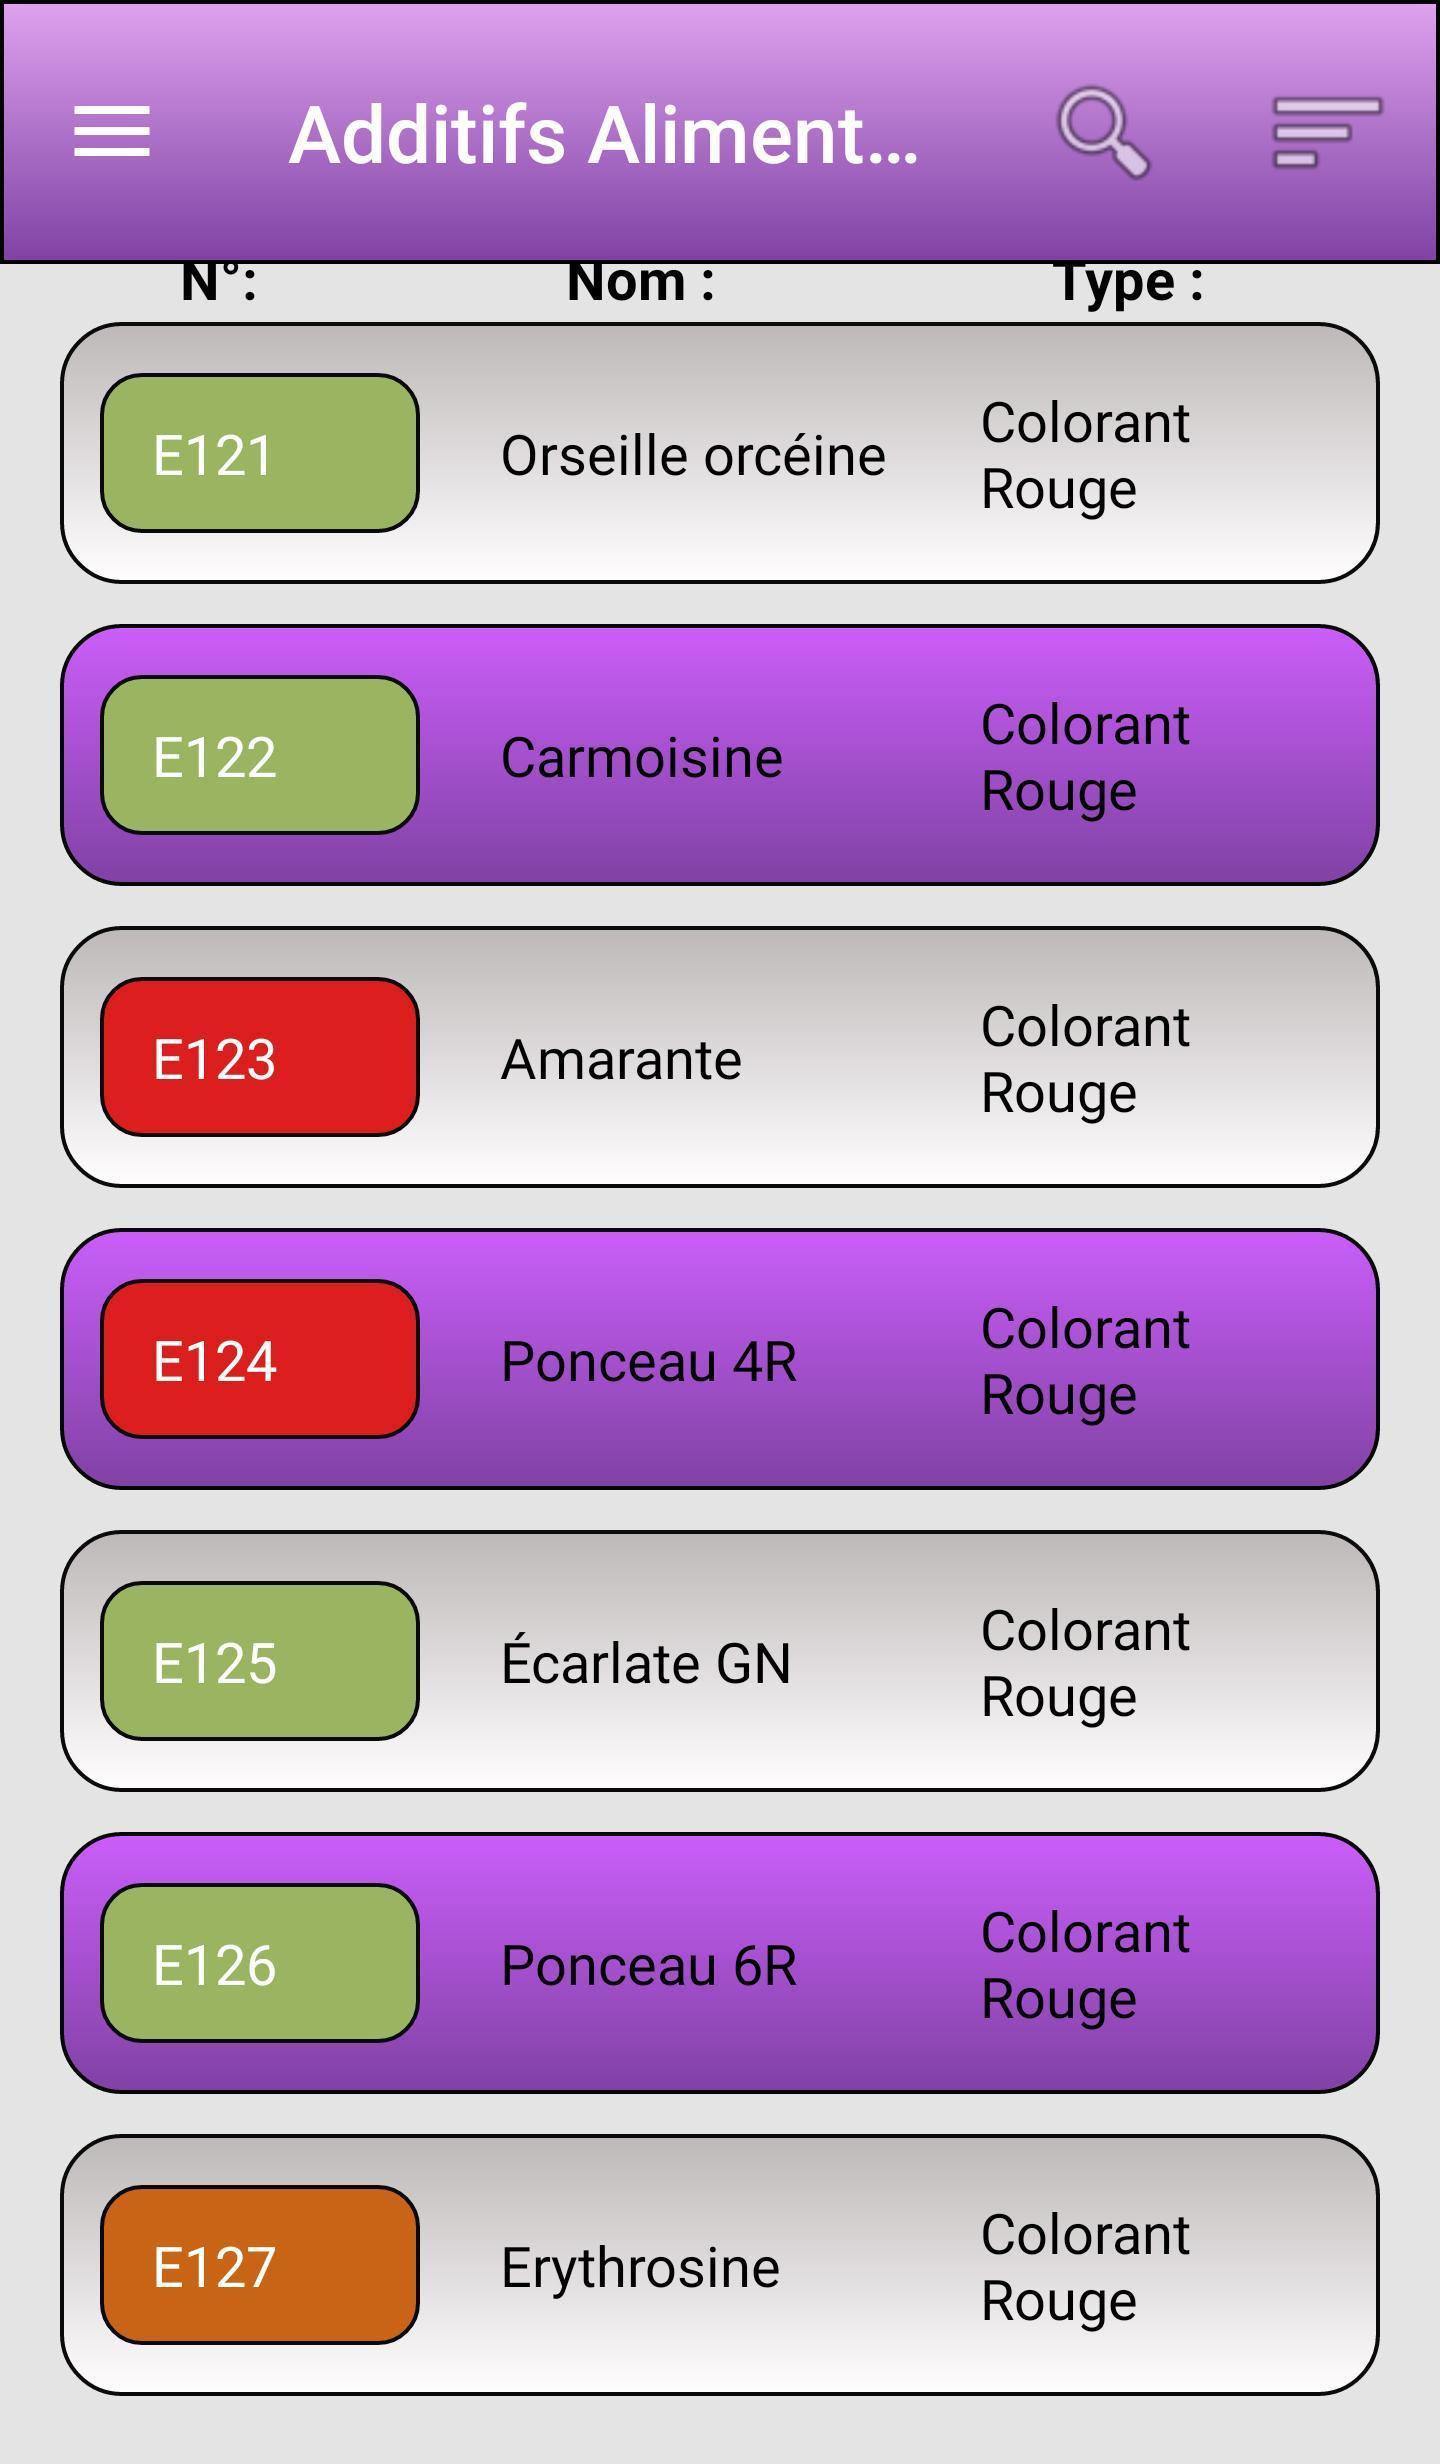 الإضافات غذائية أرقام رموز For Android Apk Download